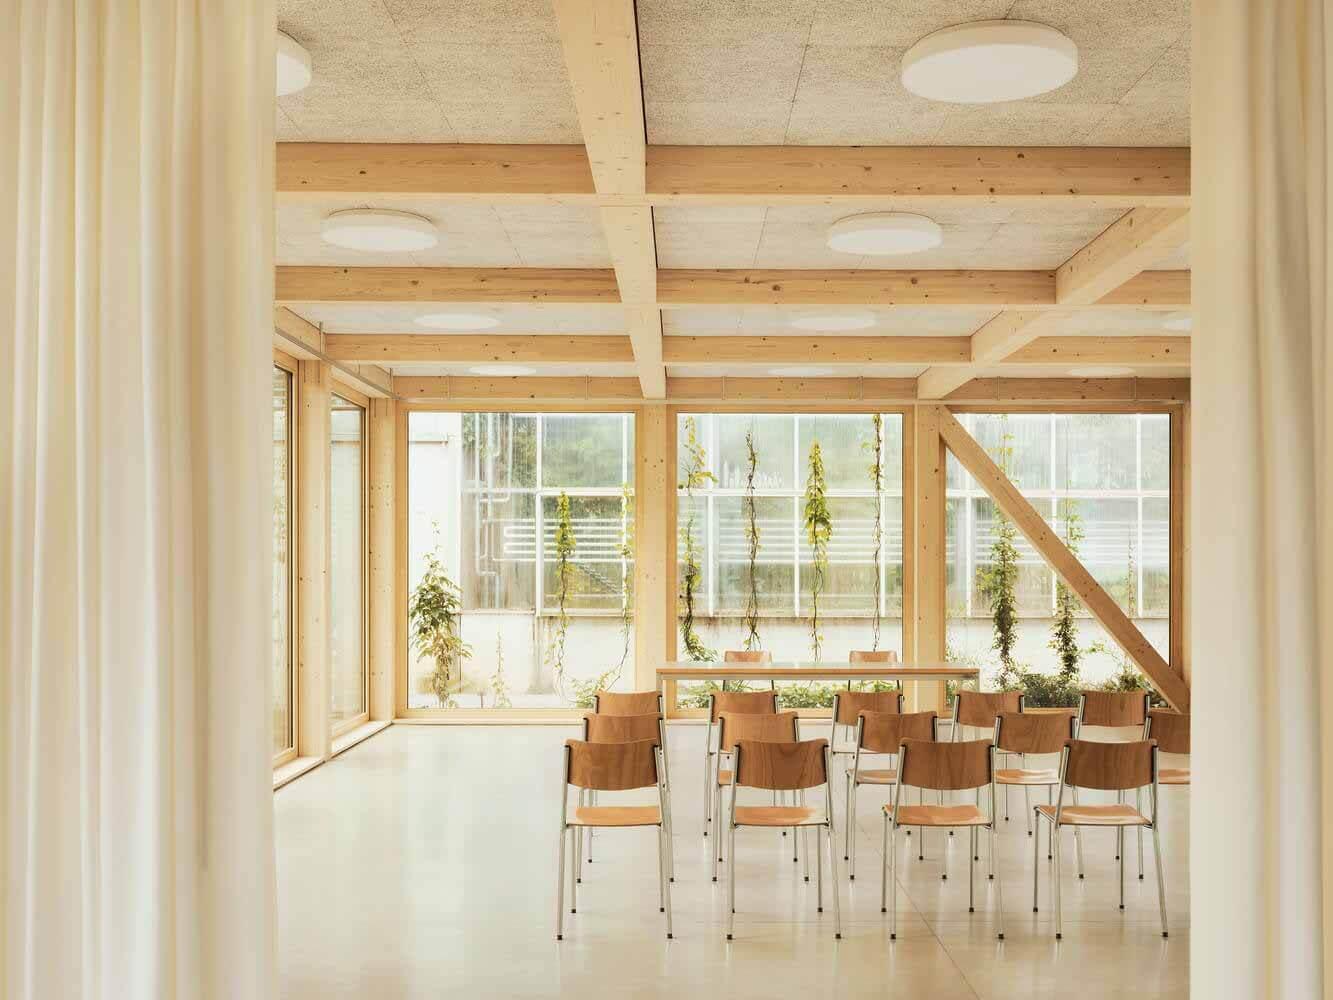 Функциональность и эстетика: примеры потолочных систем в архитектурных проектах